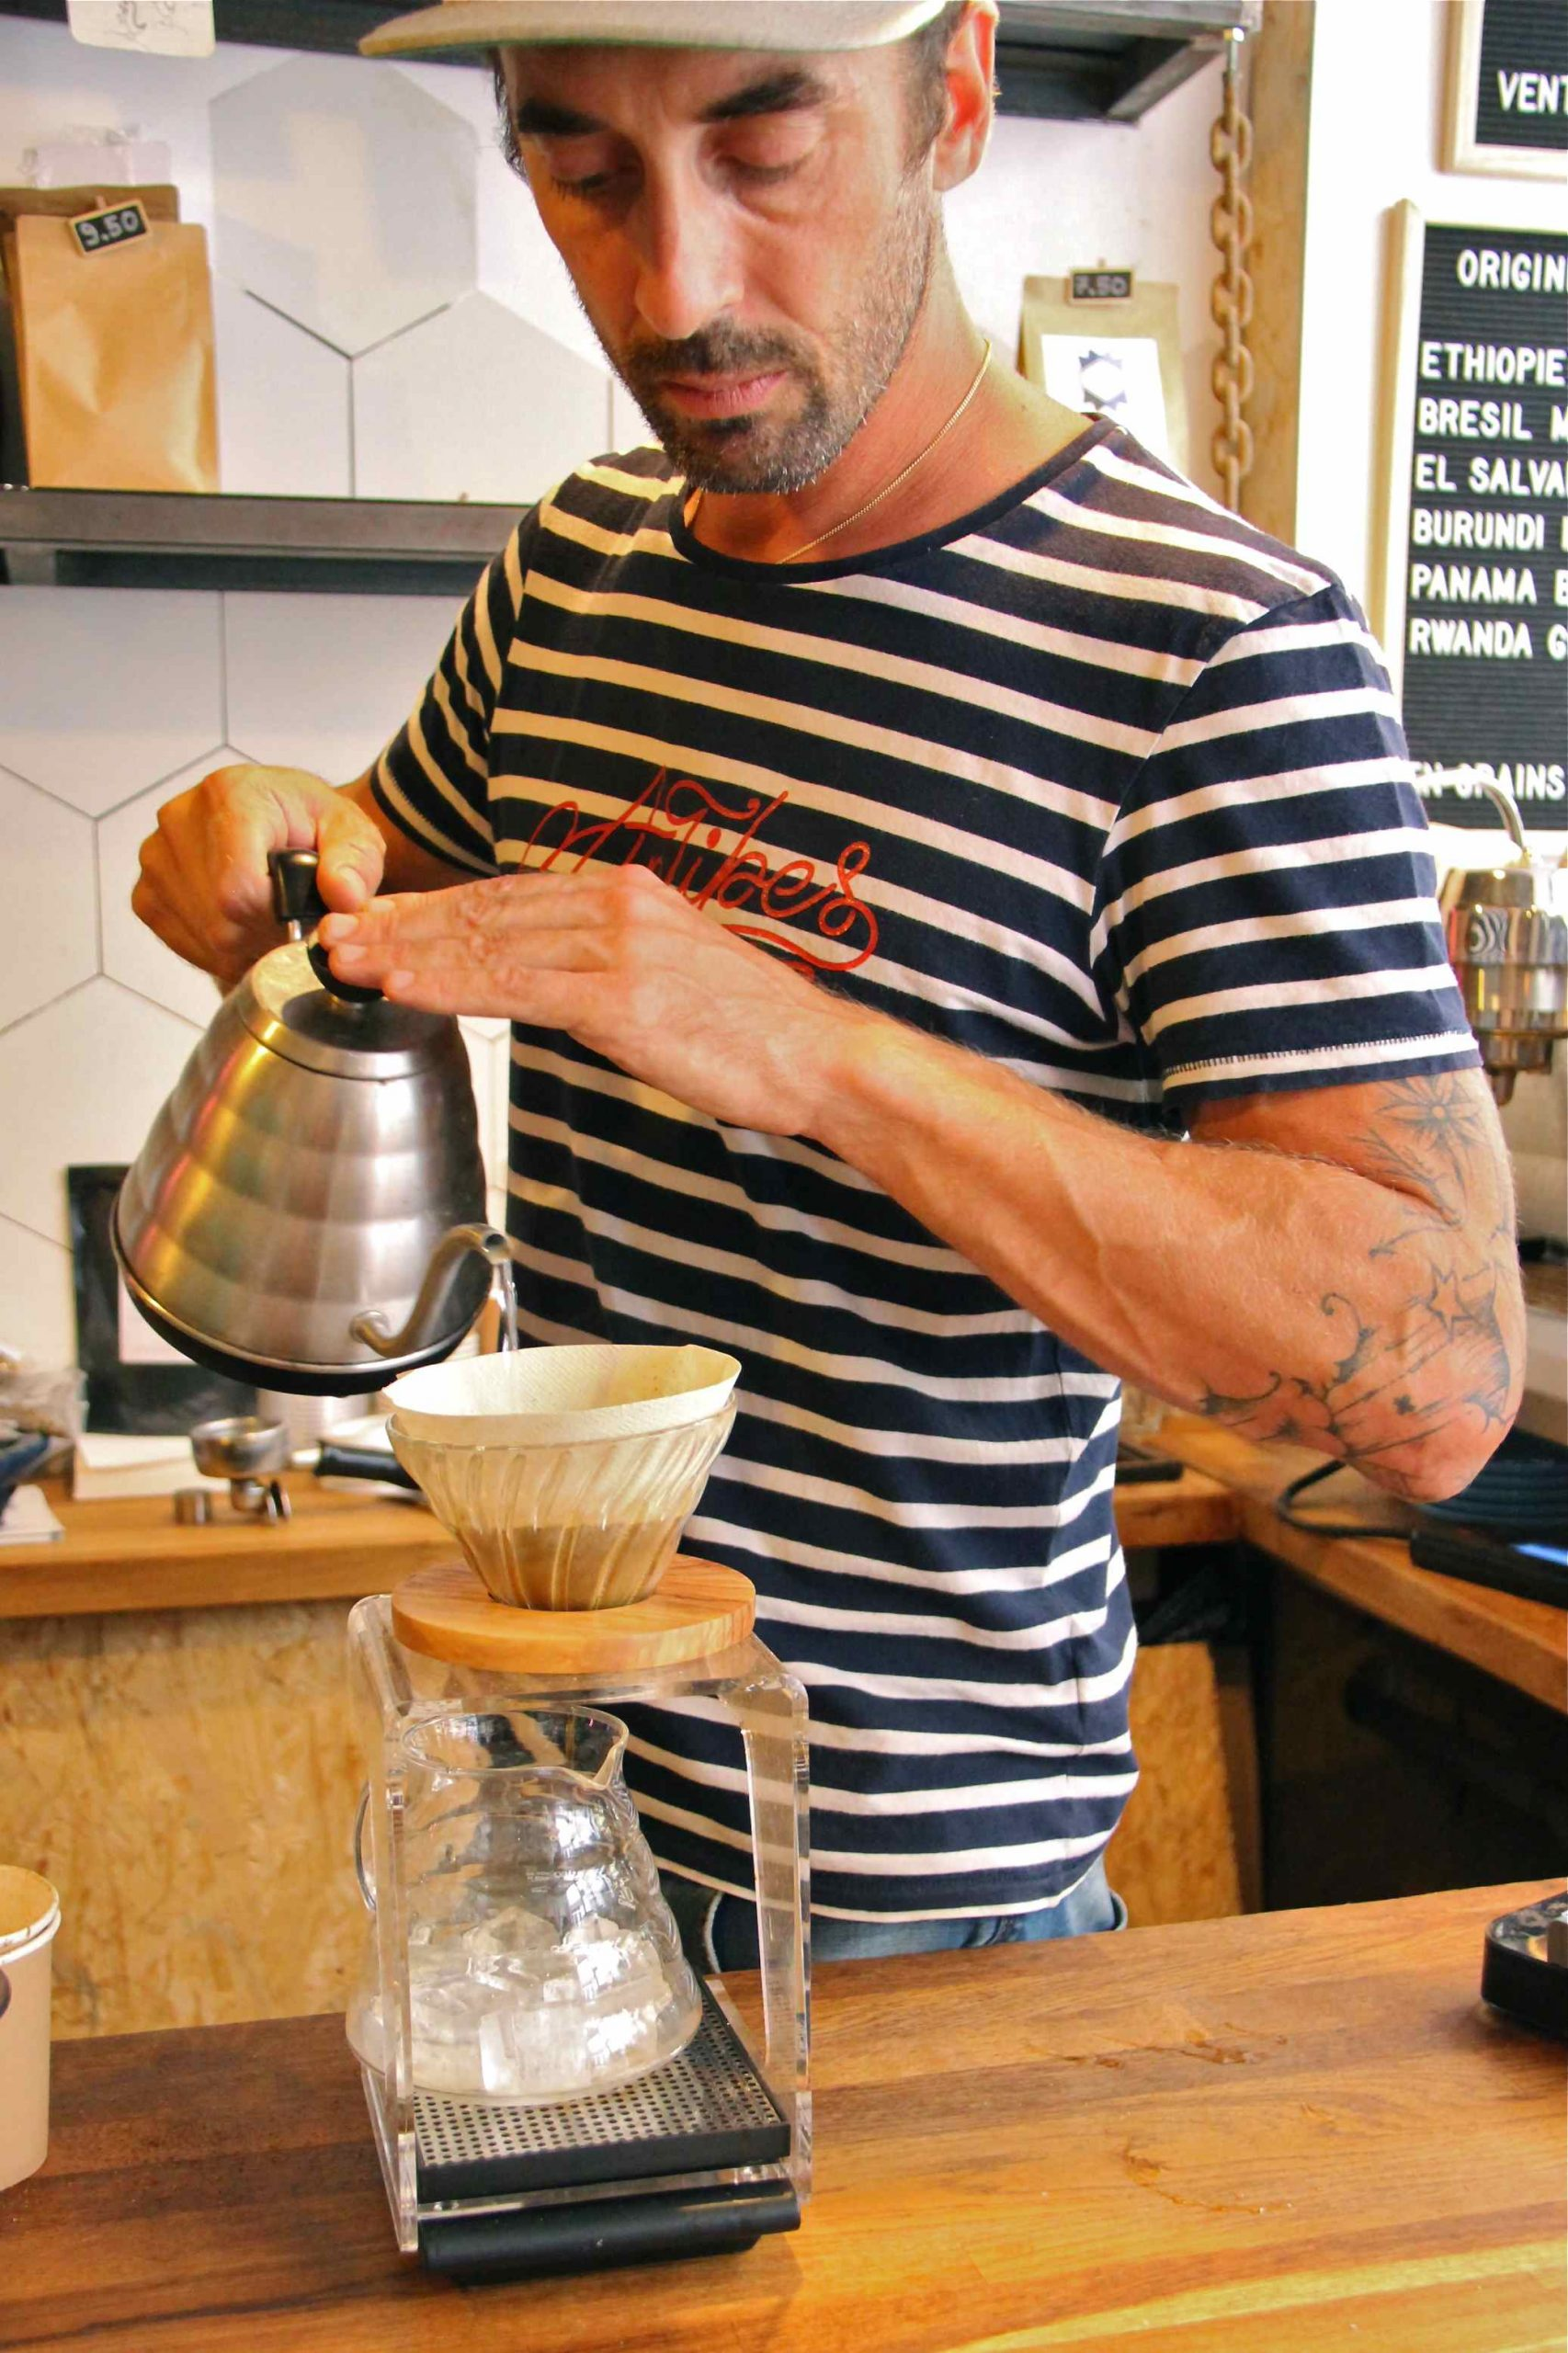 Café méthode douce